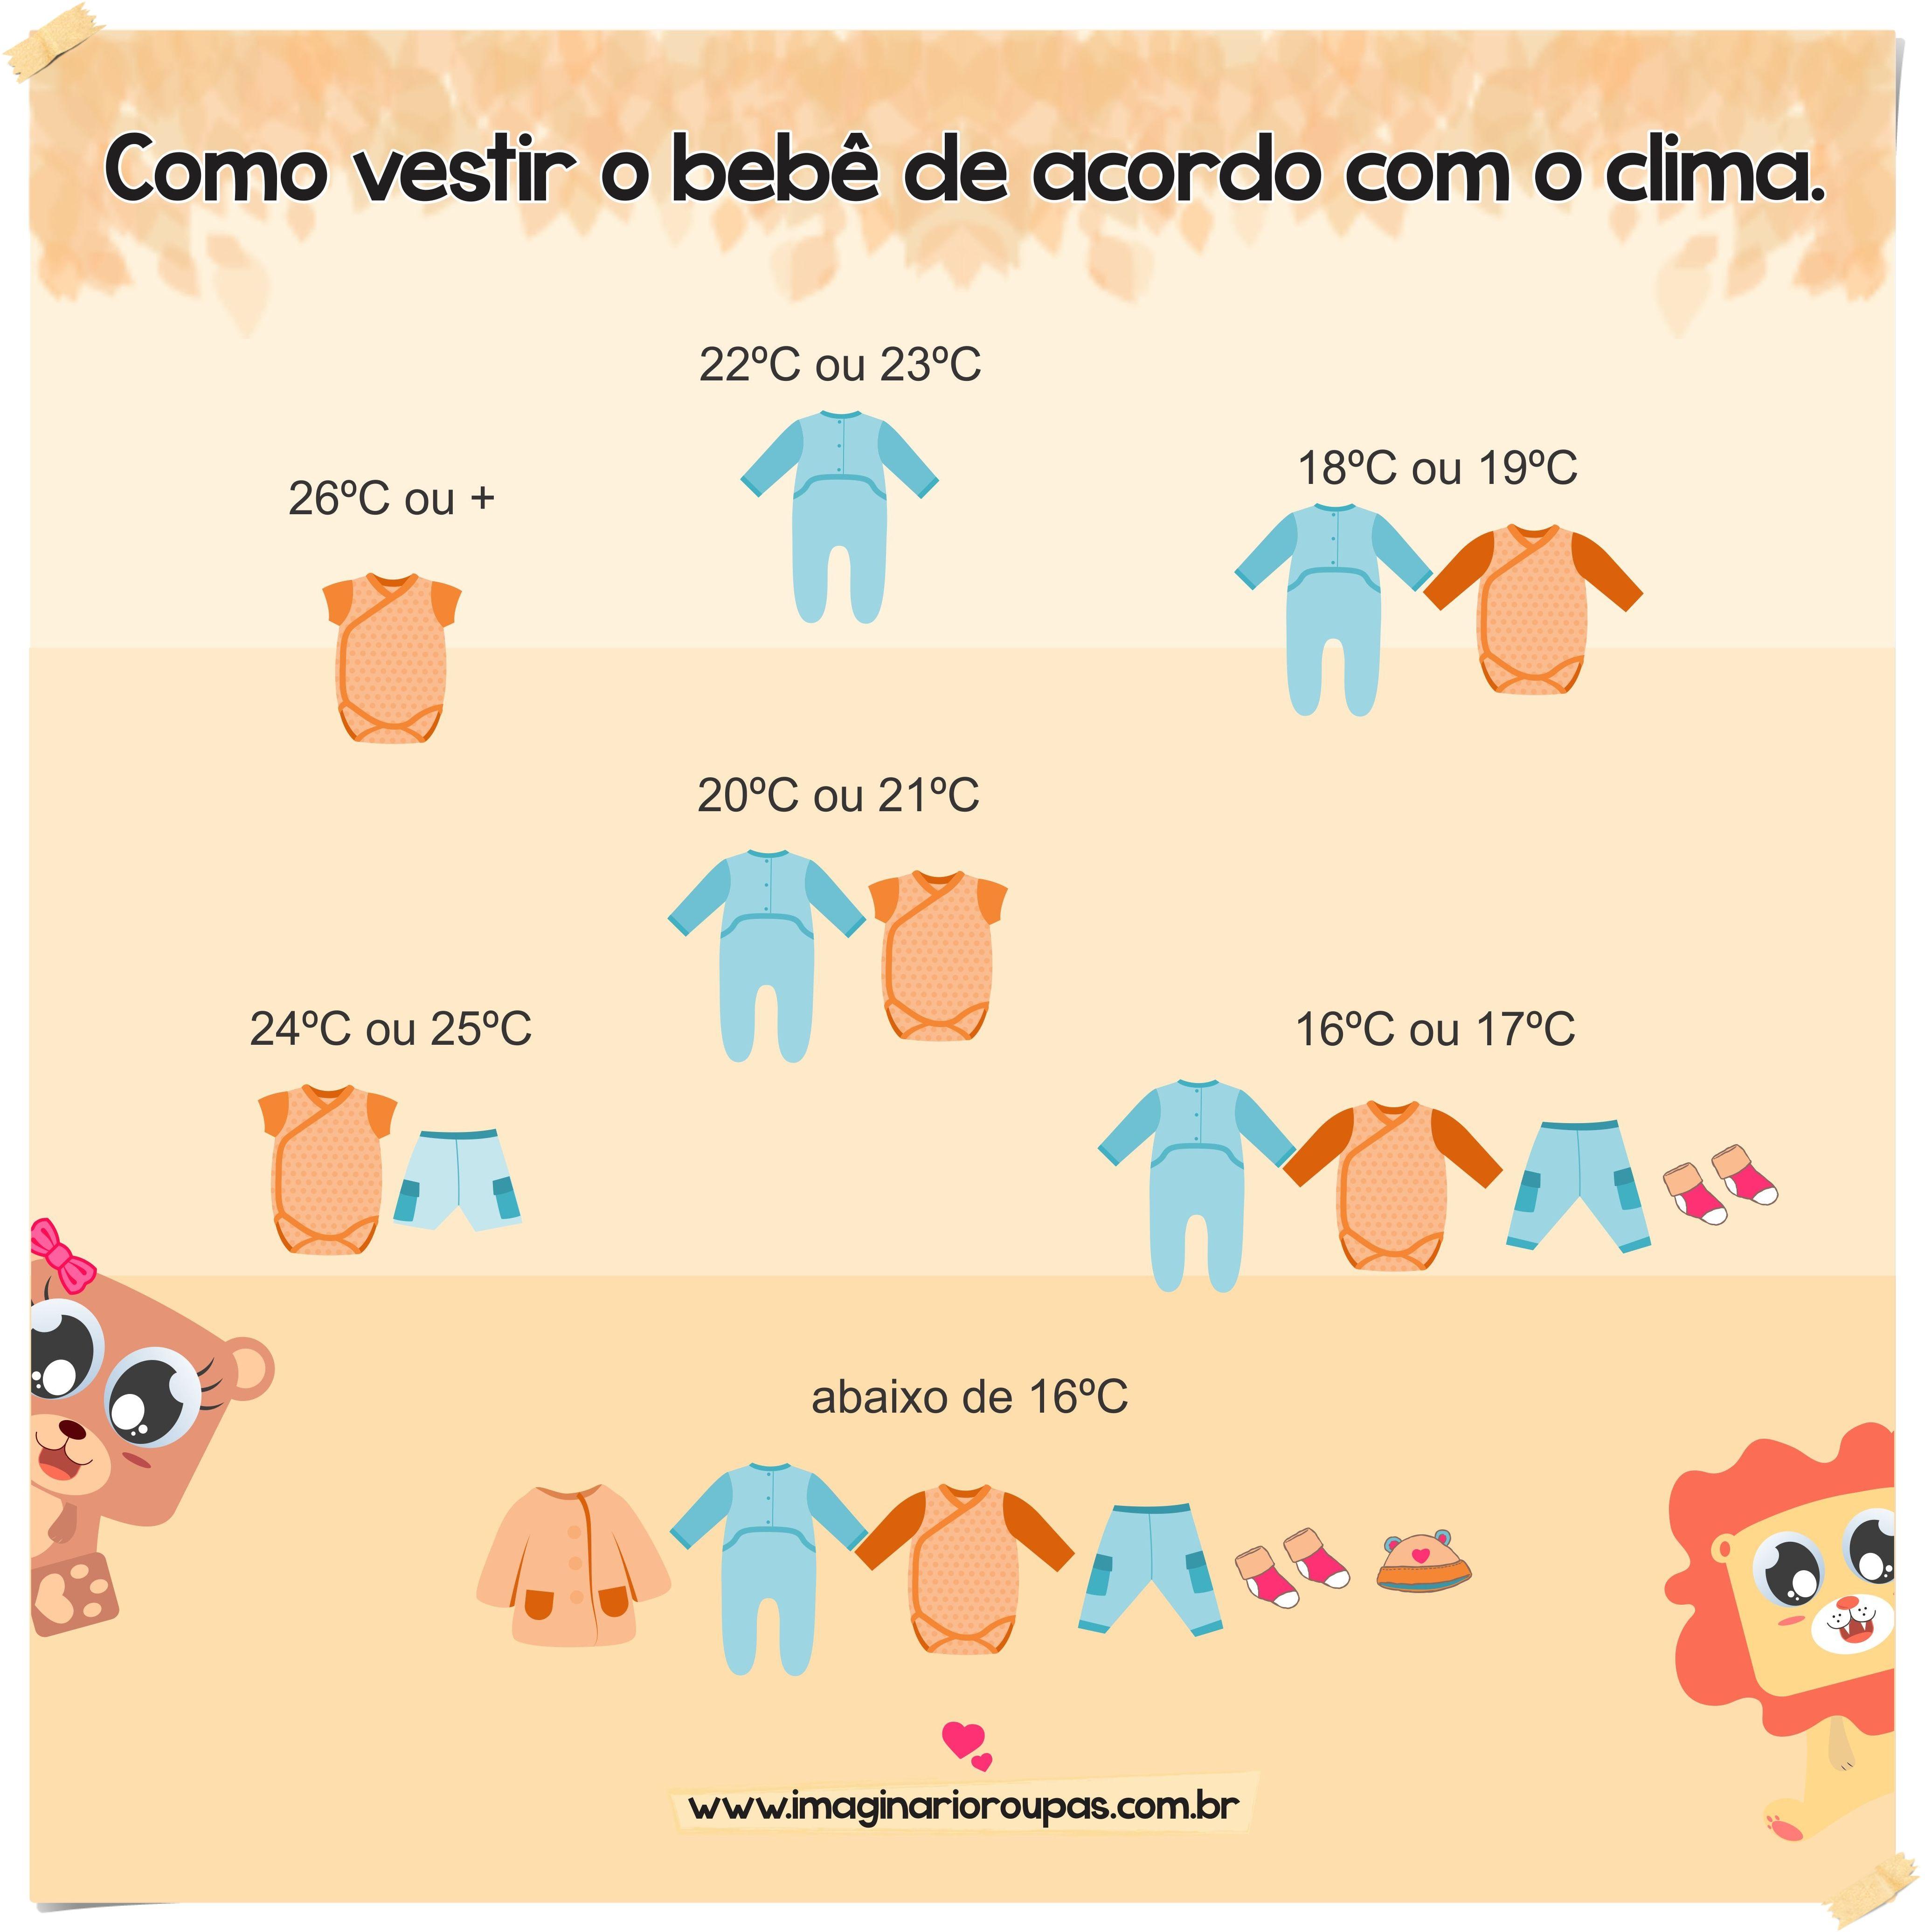 Amado Como vestir o bebê de acordo com o clima. #dicabebe #dicamamae  LE23